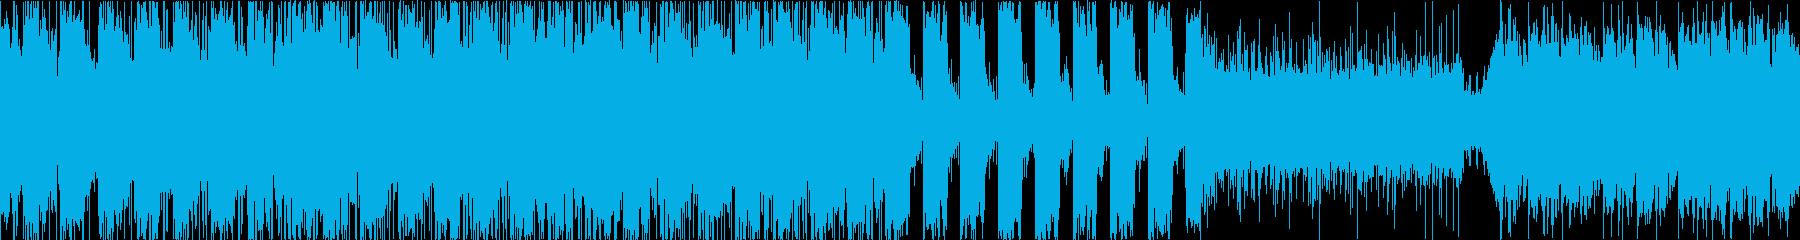 【ループ】オシャレ、エレクトロ、動画、Sの再生済みの波形